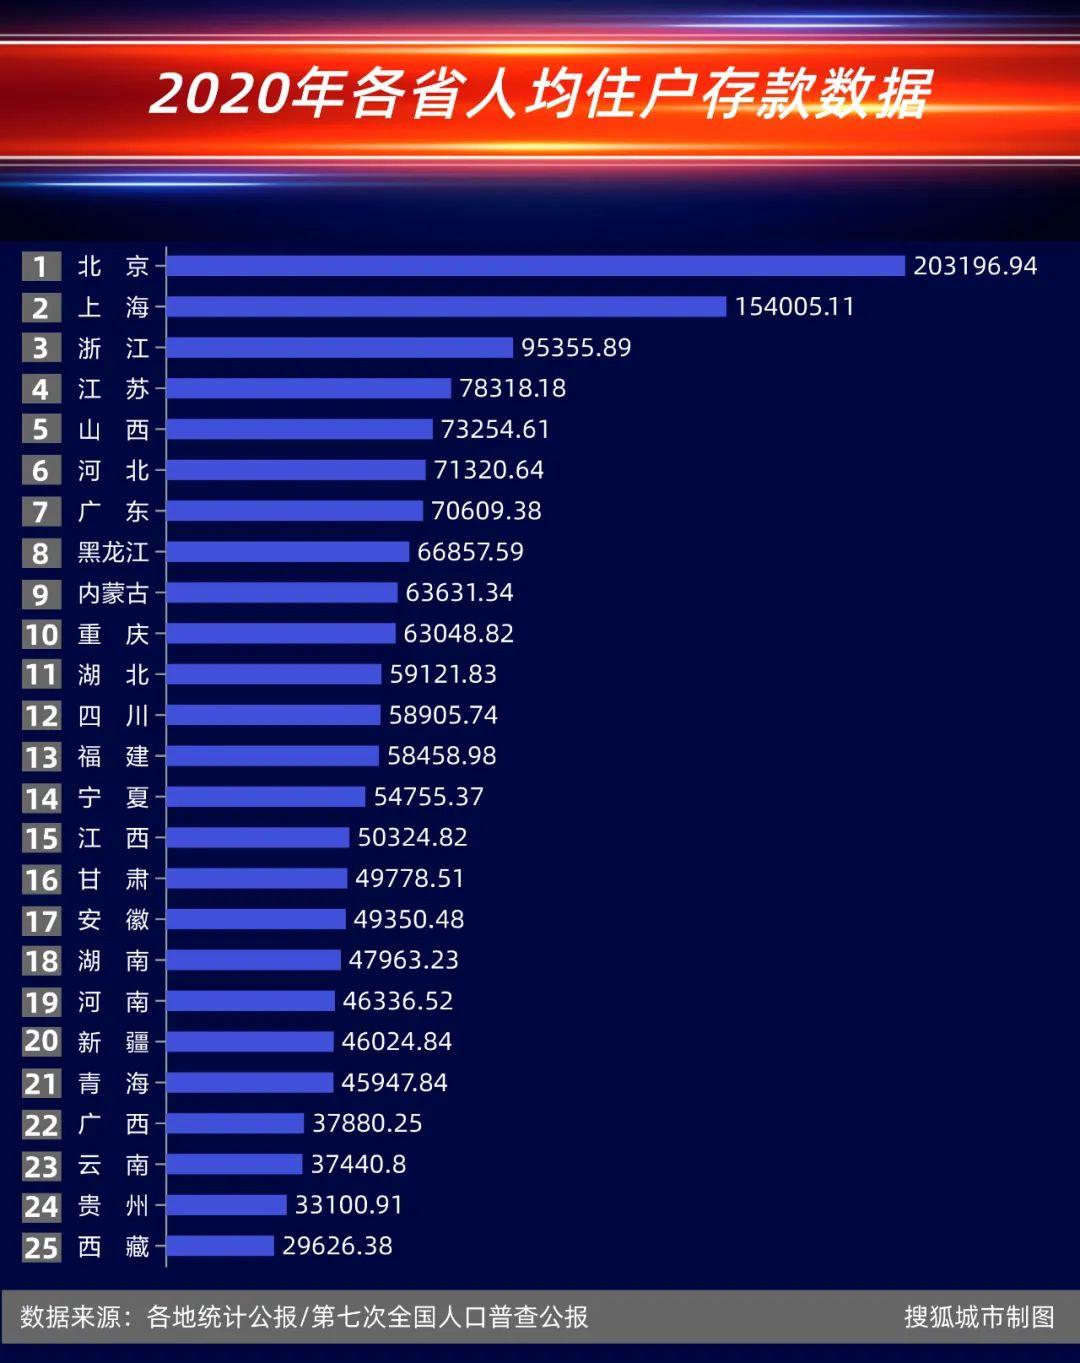 31省gdp_31省人均GDP比拼:江苏领先浙江不及福建